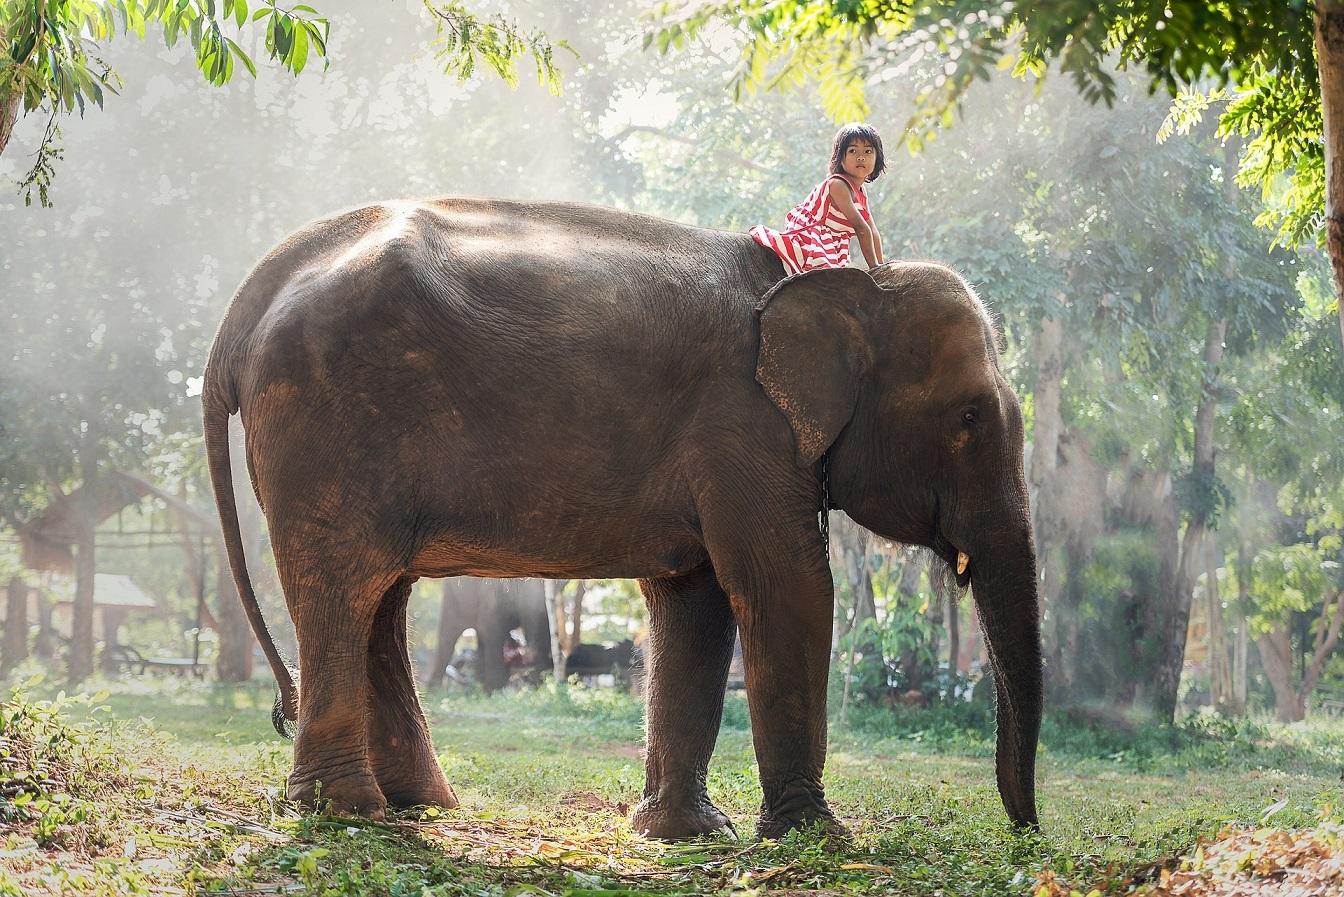 Słonie w Tajlandii-wycieczka objazdowa z biurem podróży OdraTravel w Szczecinie.